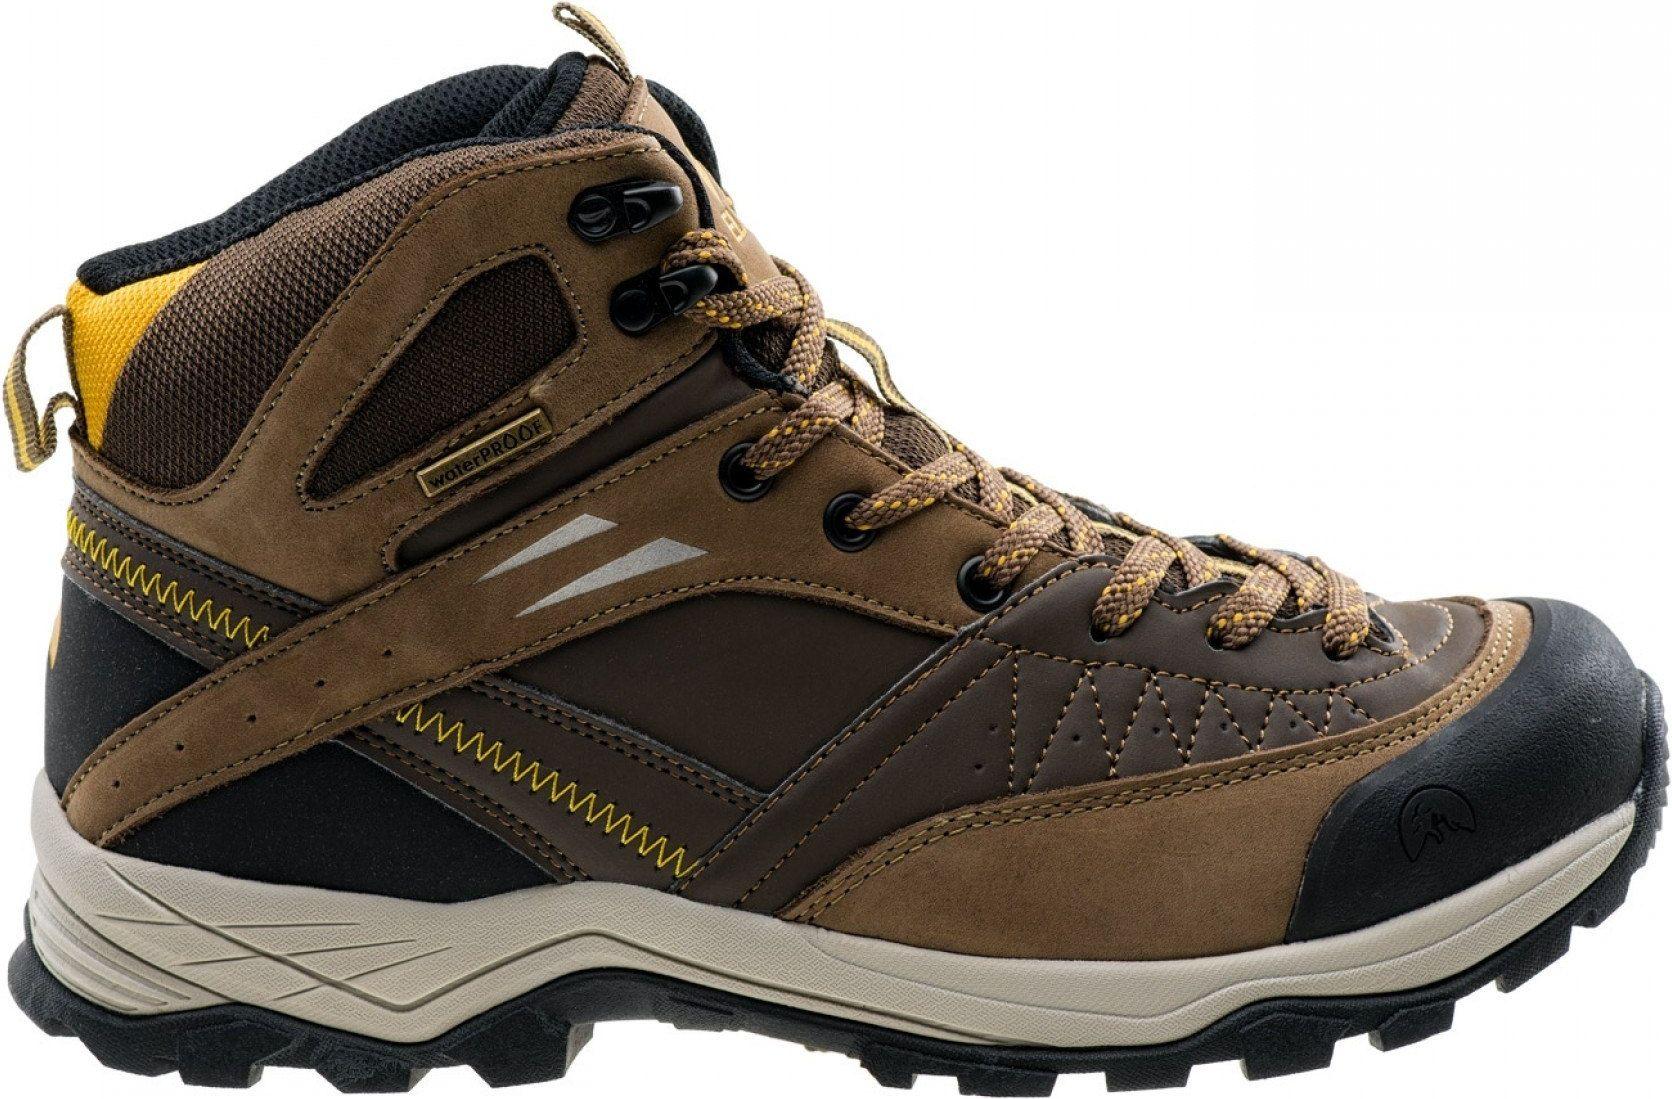 Elbrus Buty meskie Delen MID WP Dark Brown / Corn / Black r. 45 4823646 Tūrisma apavi